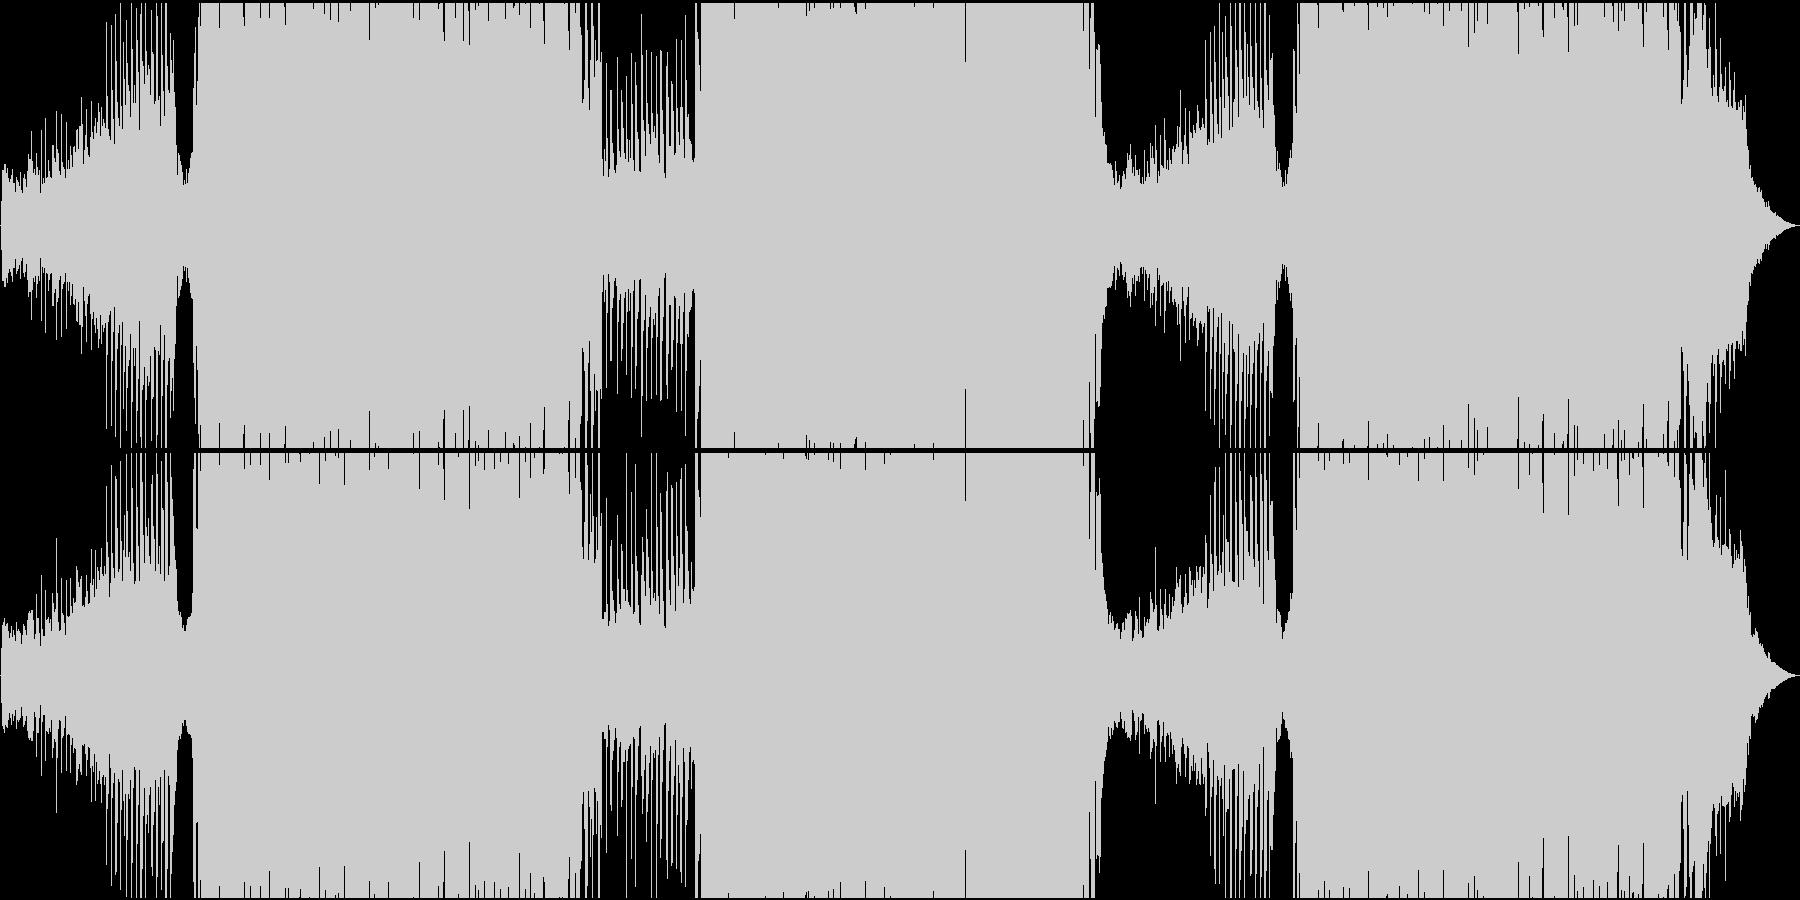 ゆったりトロピカル系EDMの未再生の波形